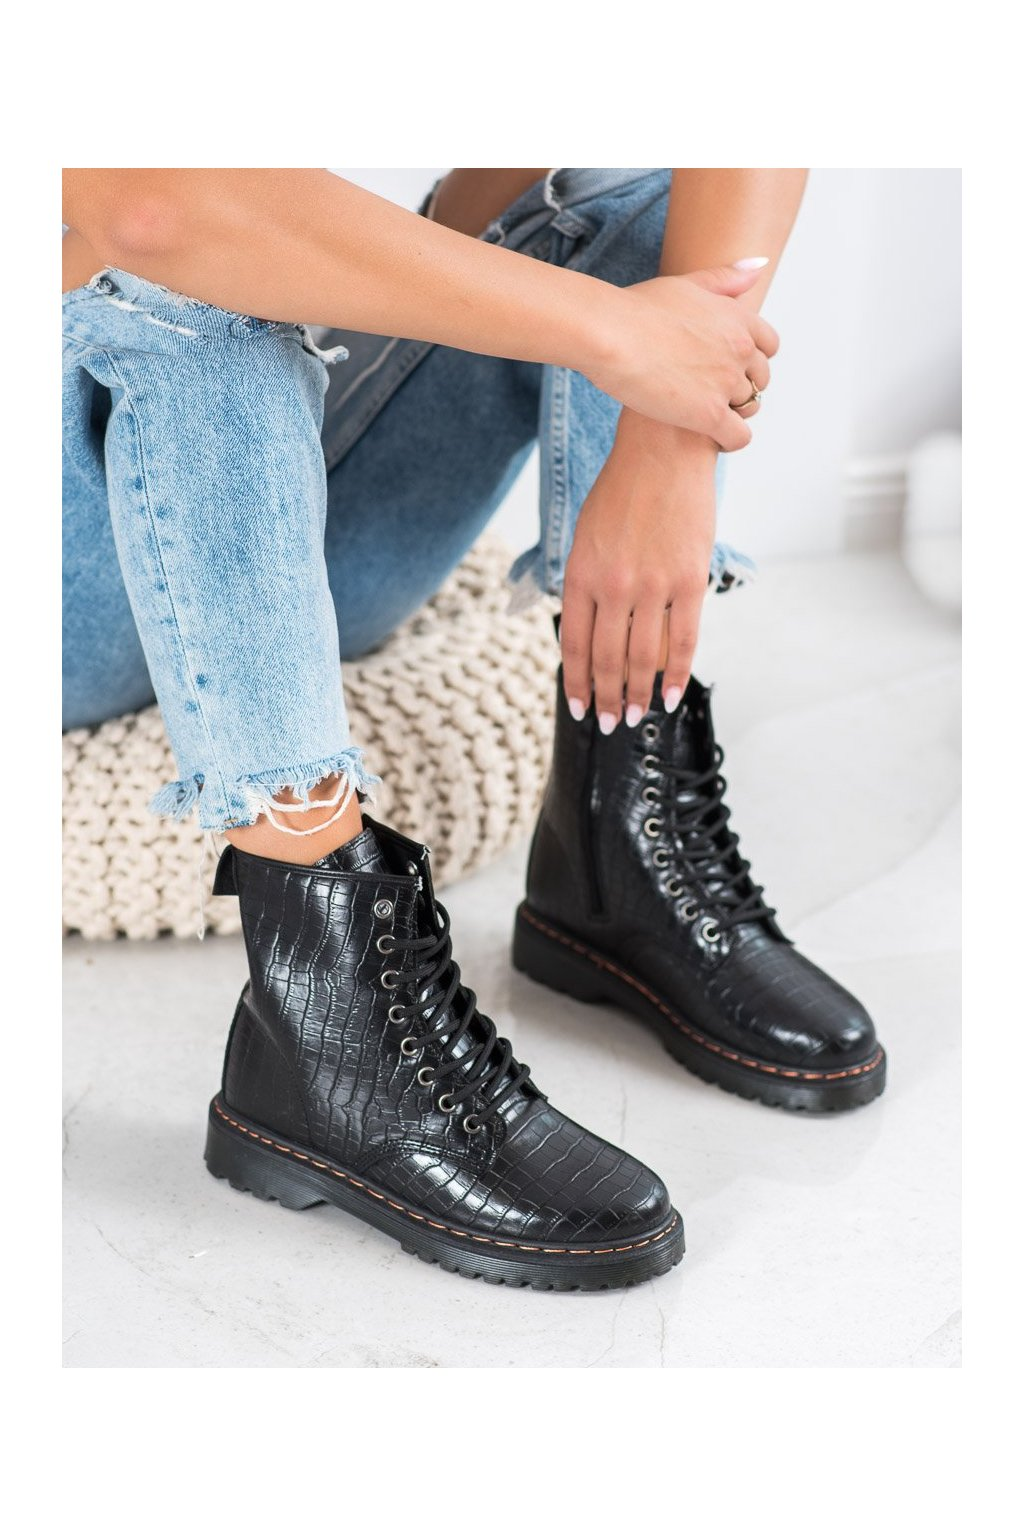 Čierne dámske topánky Shelovet kod DJH01B-B